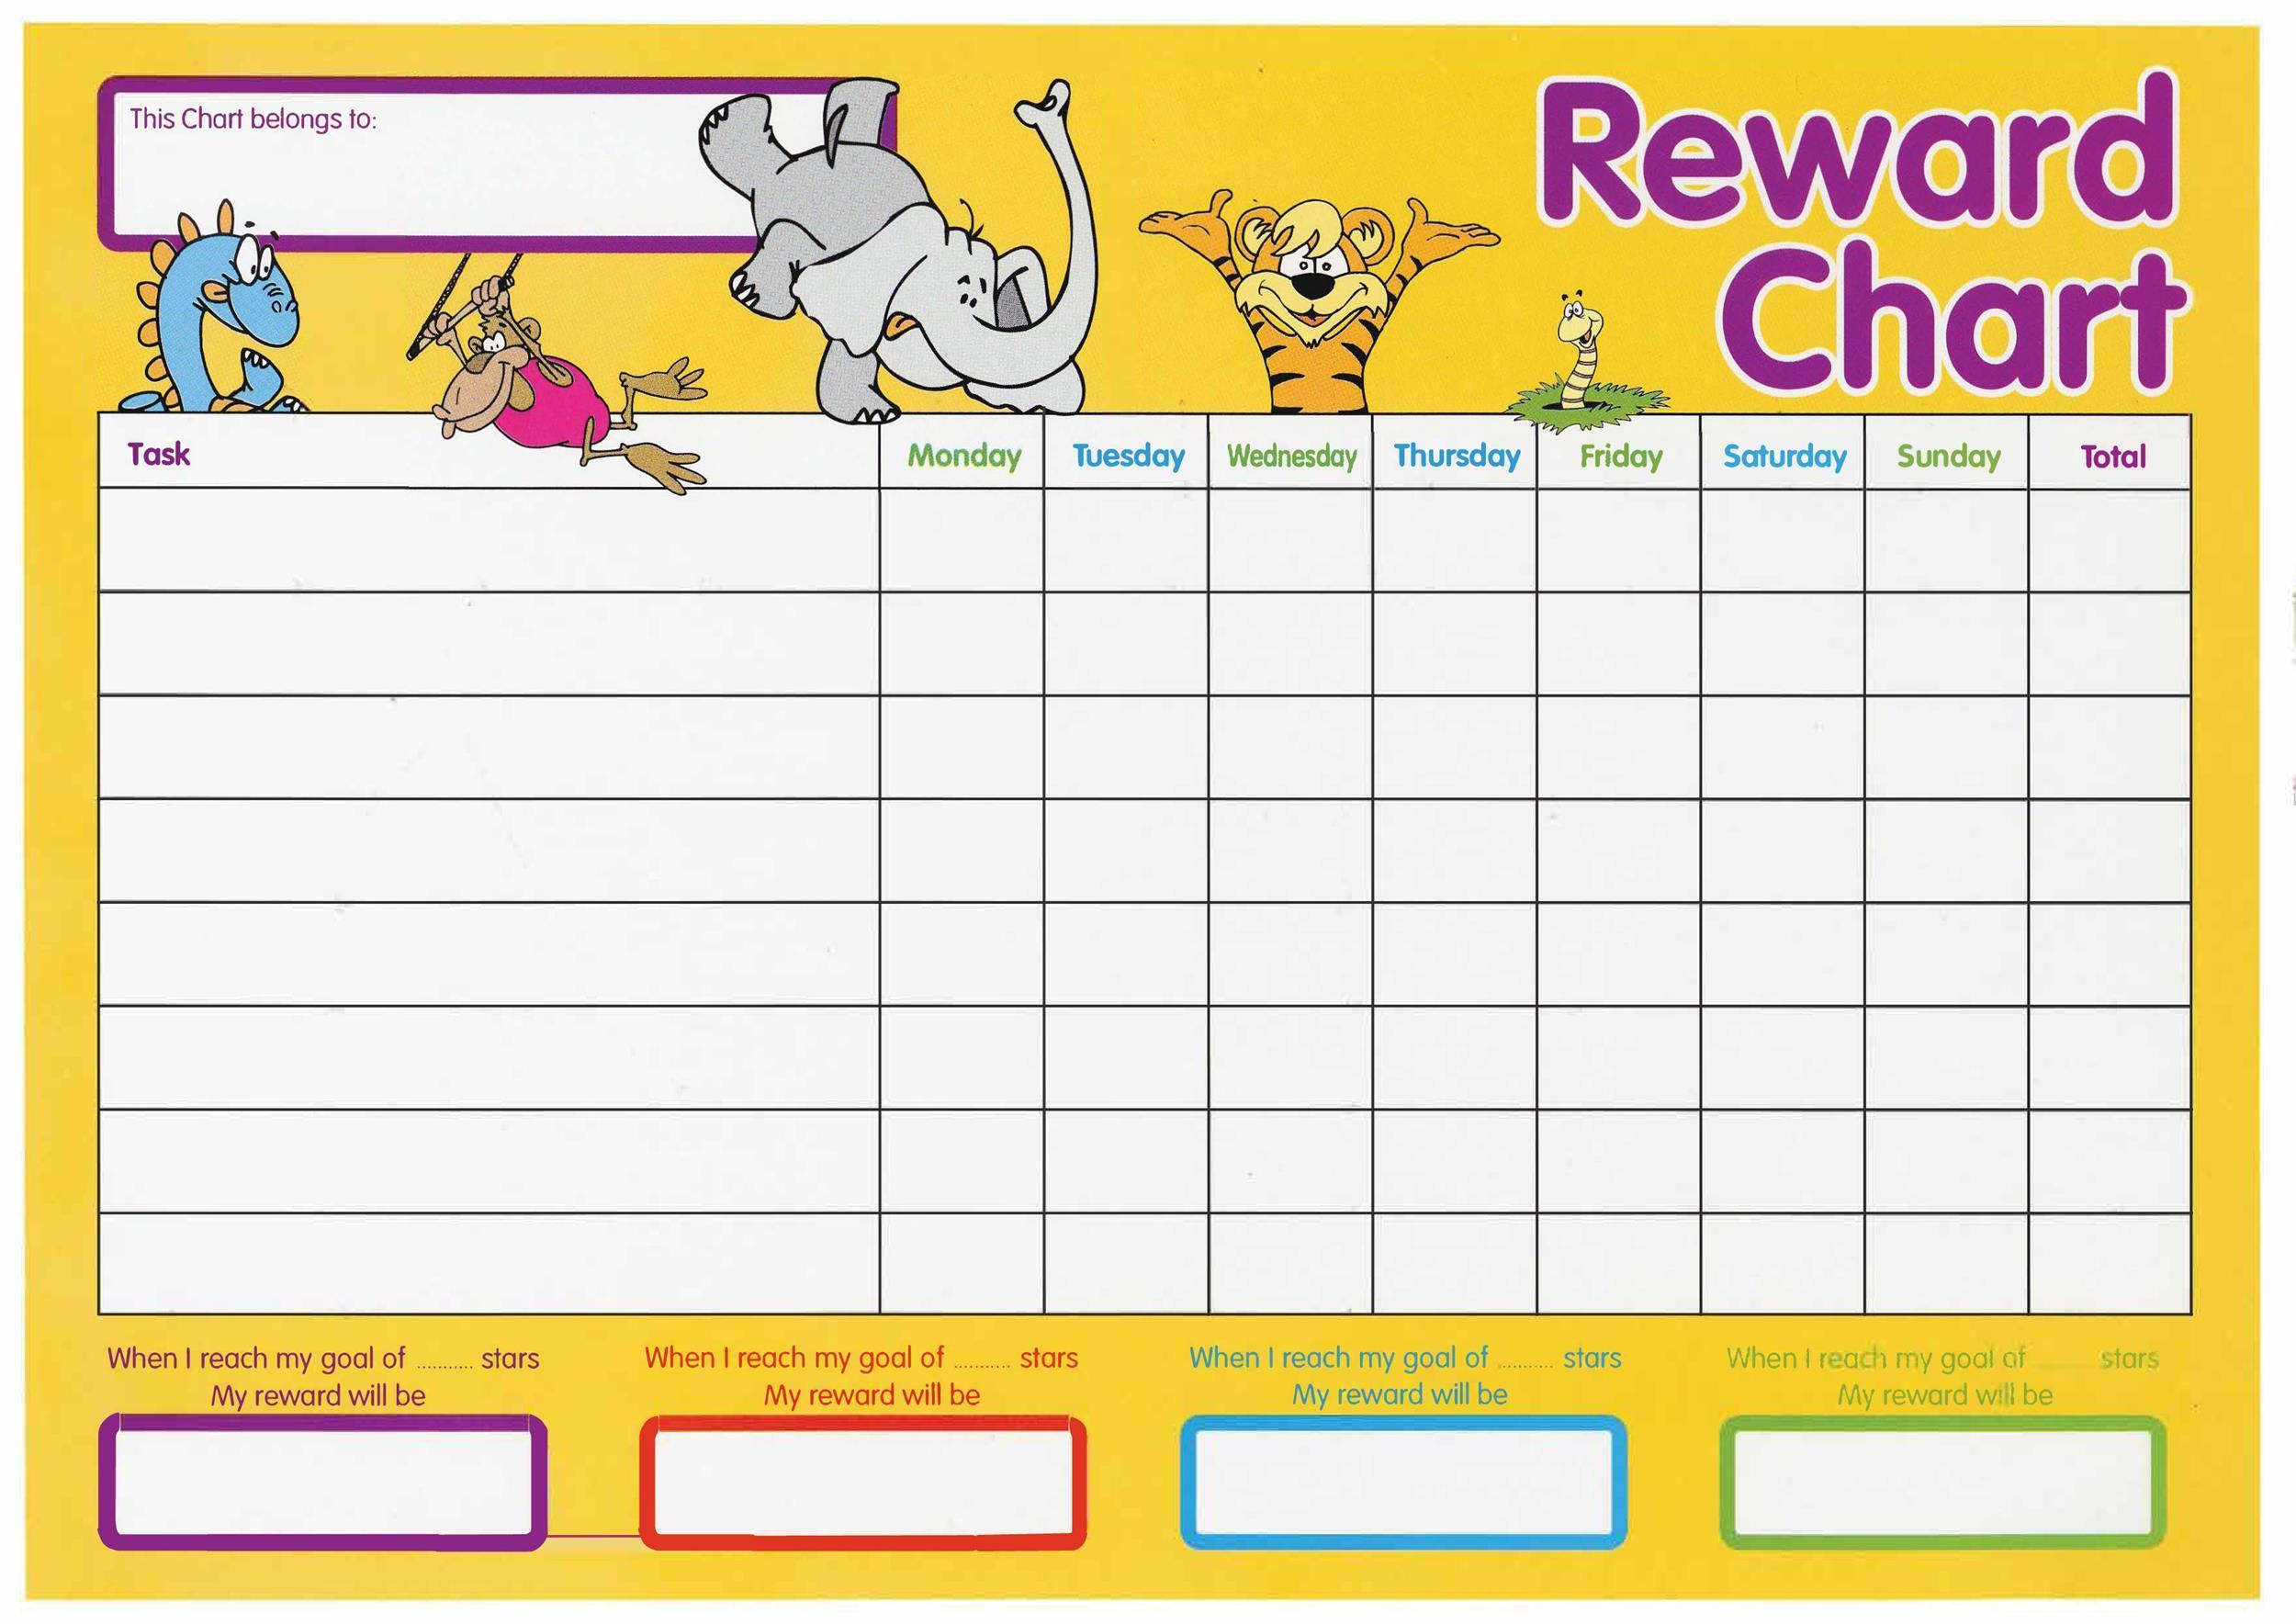 Free reward chart 26